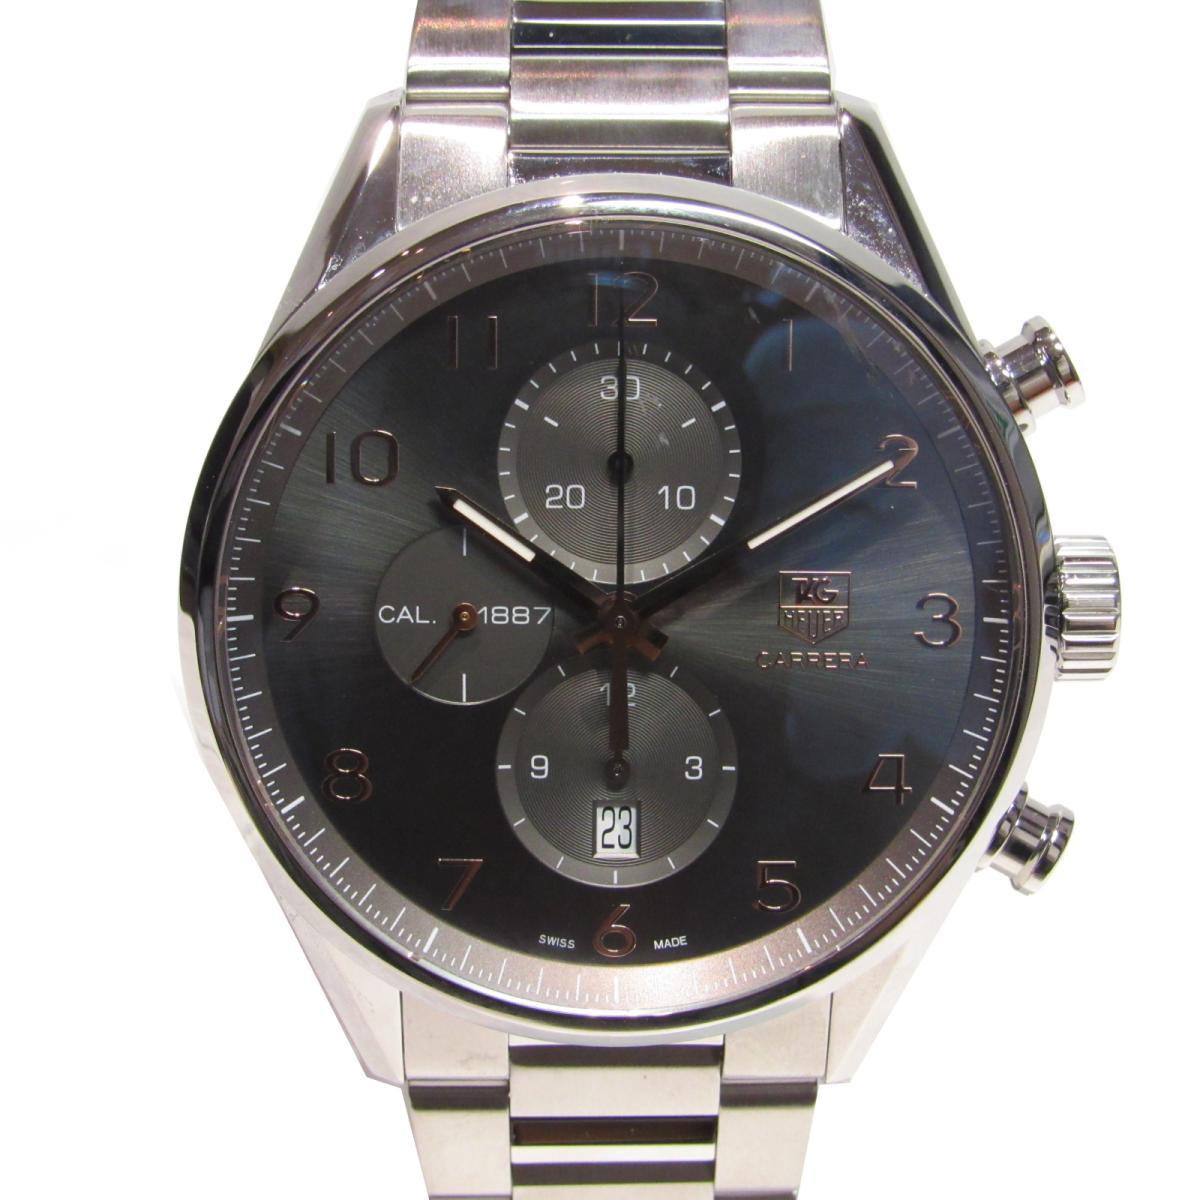 カレラクロノキャリバー1887 腕時計 ウォッチ/SALE